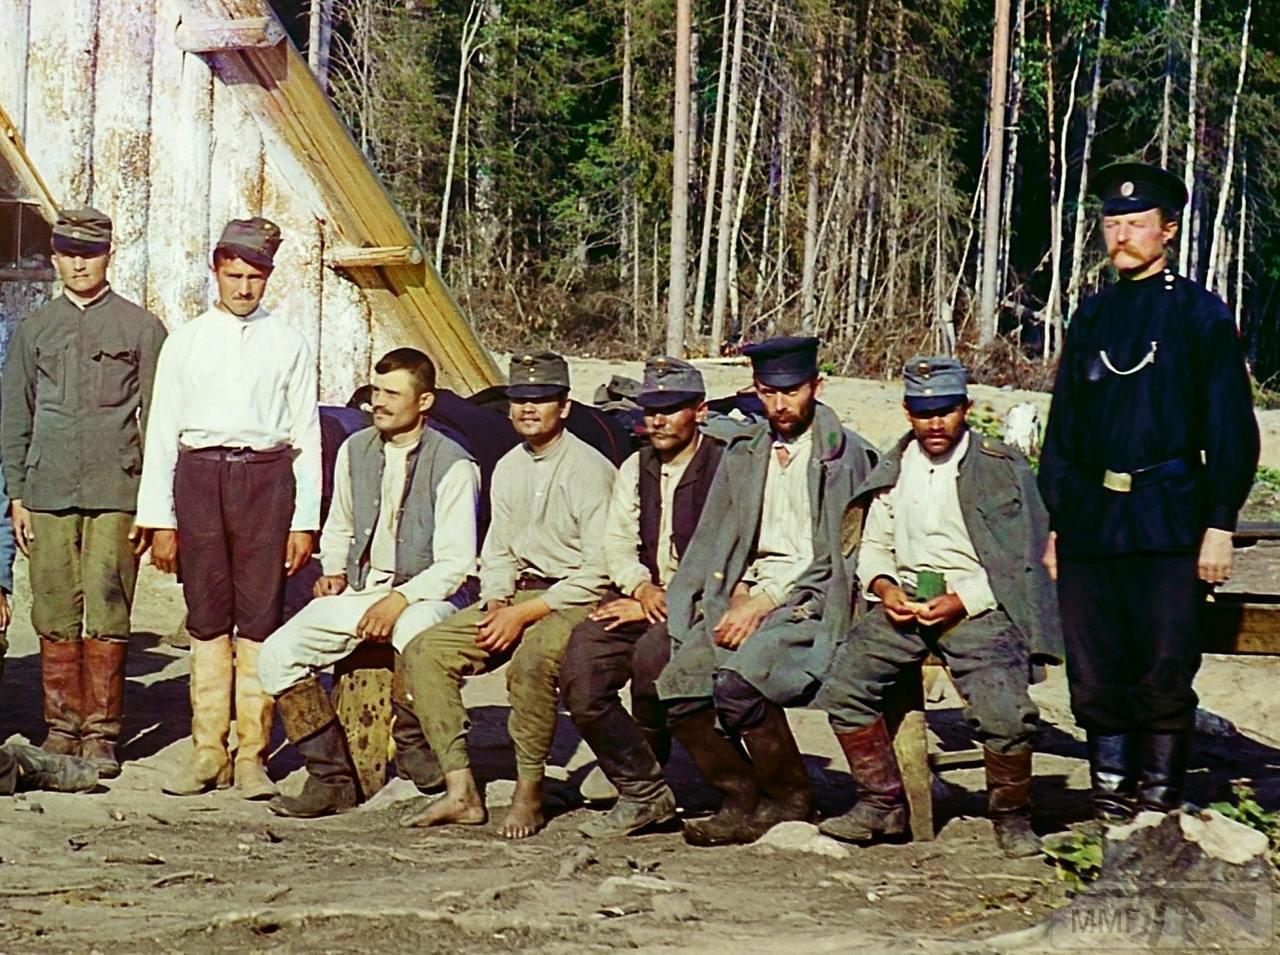 71651 - Военнопленные австрийцы у барака около станции Кивач в Петрозаводском уезде